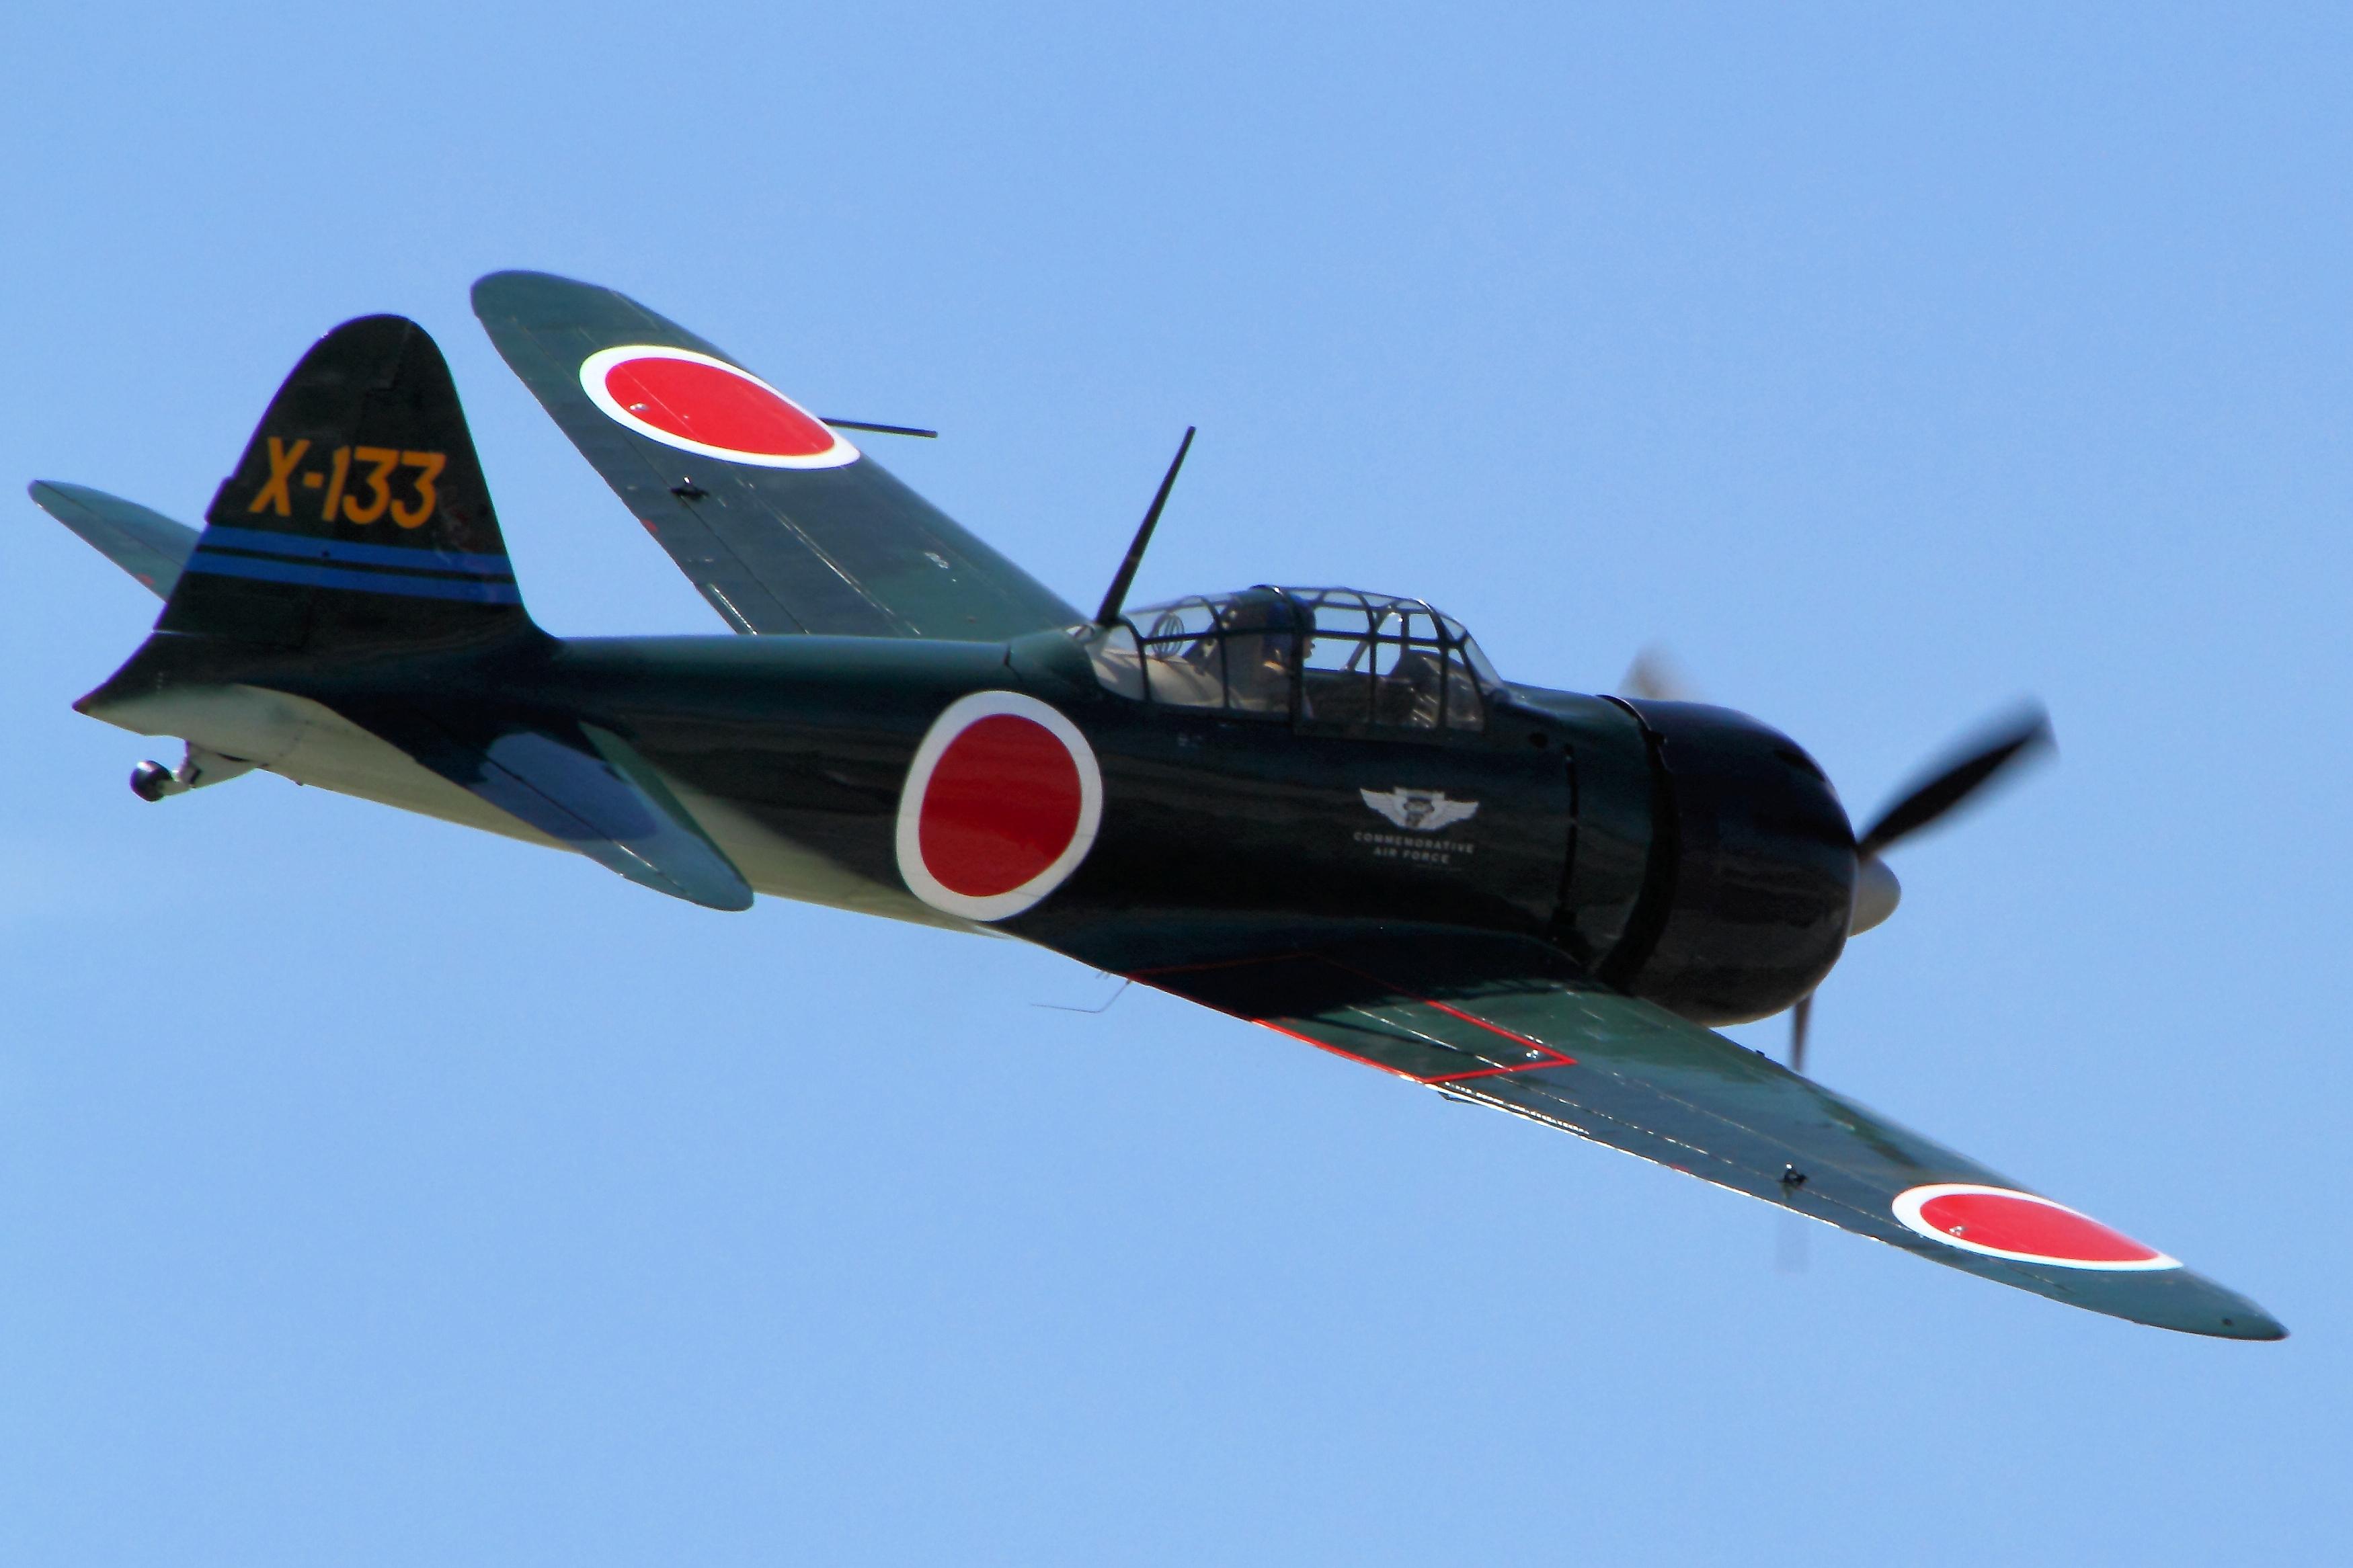 A6M3_Reisen_(Zero)_-_Chino_Airshow_2014_(14321197625).jpg (3500×2333)